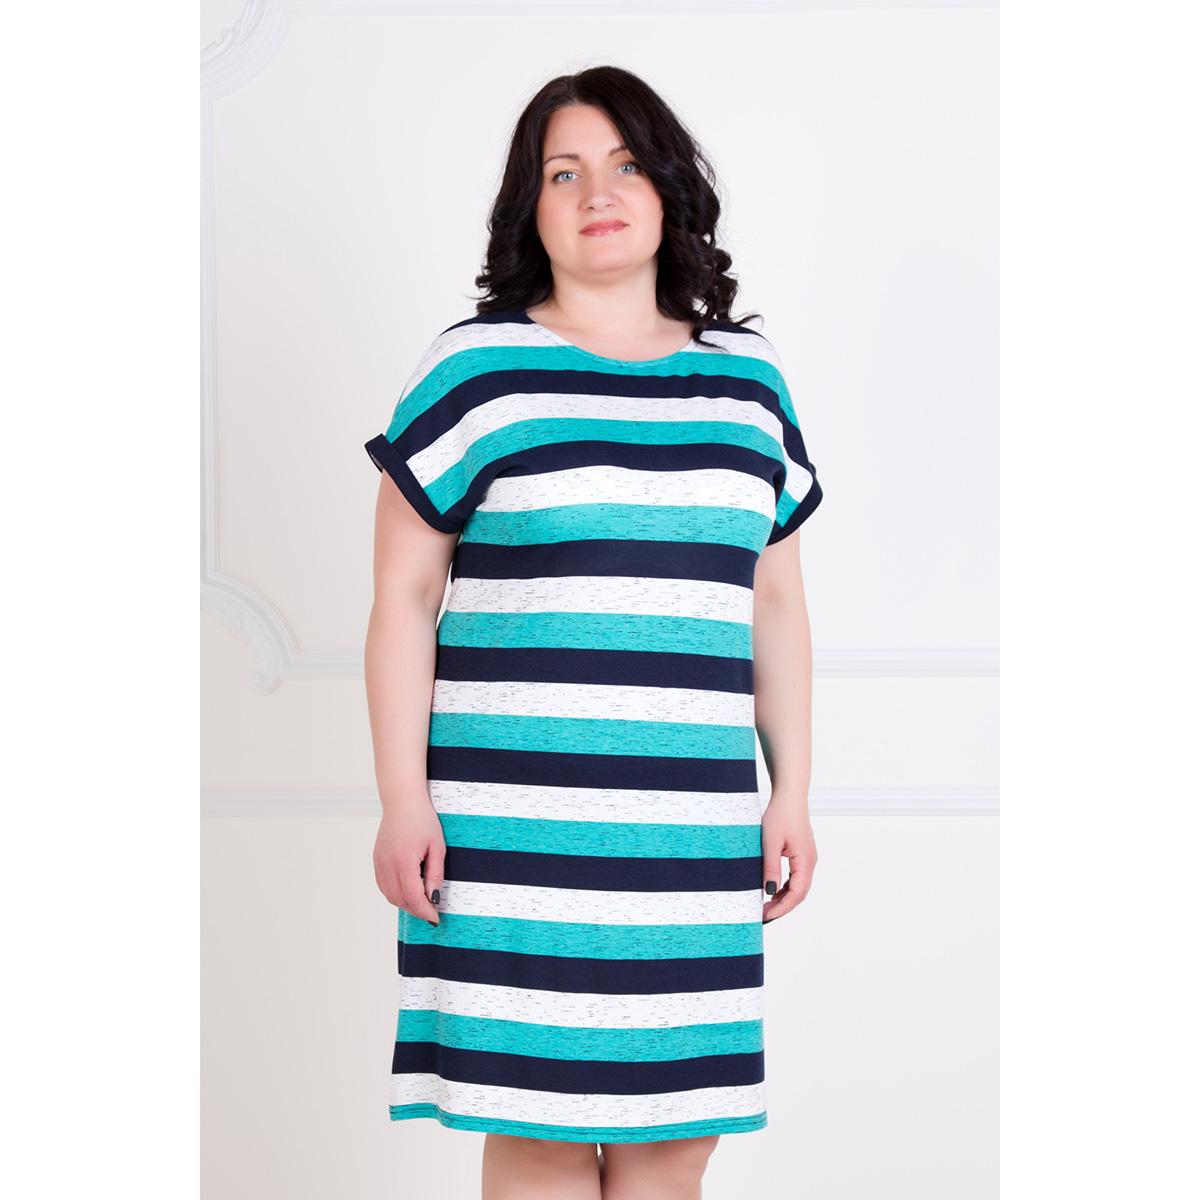 Жен. платье Ассоль р. 46Платья<br>Обхват груди: 92 см <br>Обхват талии: 74 см <br>Обхват бедер: 100 см <br>Длина по спинке: 86 см <br>Рост: 167 см<br><br>Тип: Жен. платье<br>Размер: 46<br>Материал: Вискоза